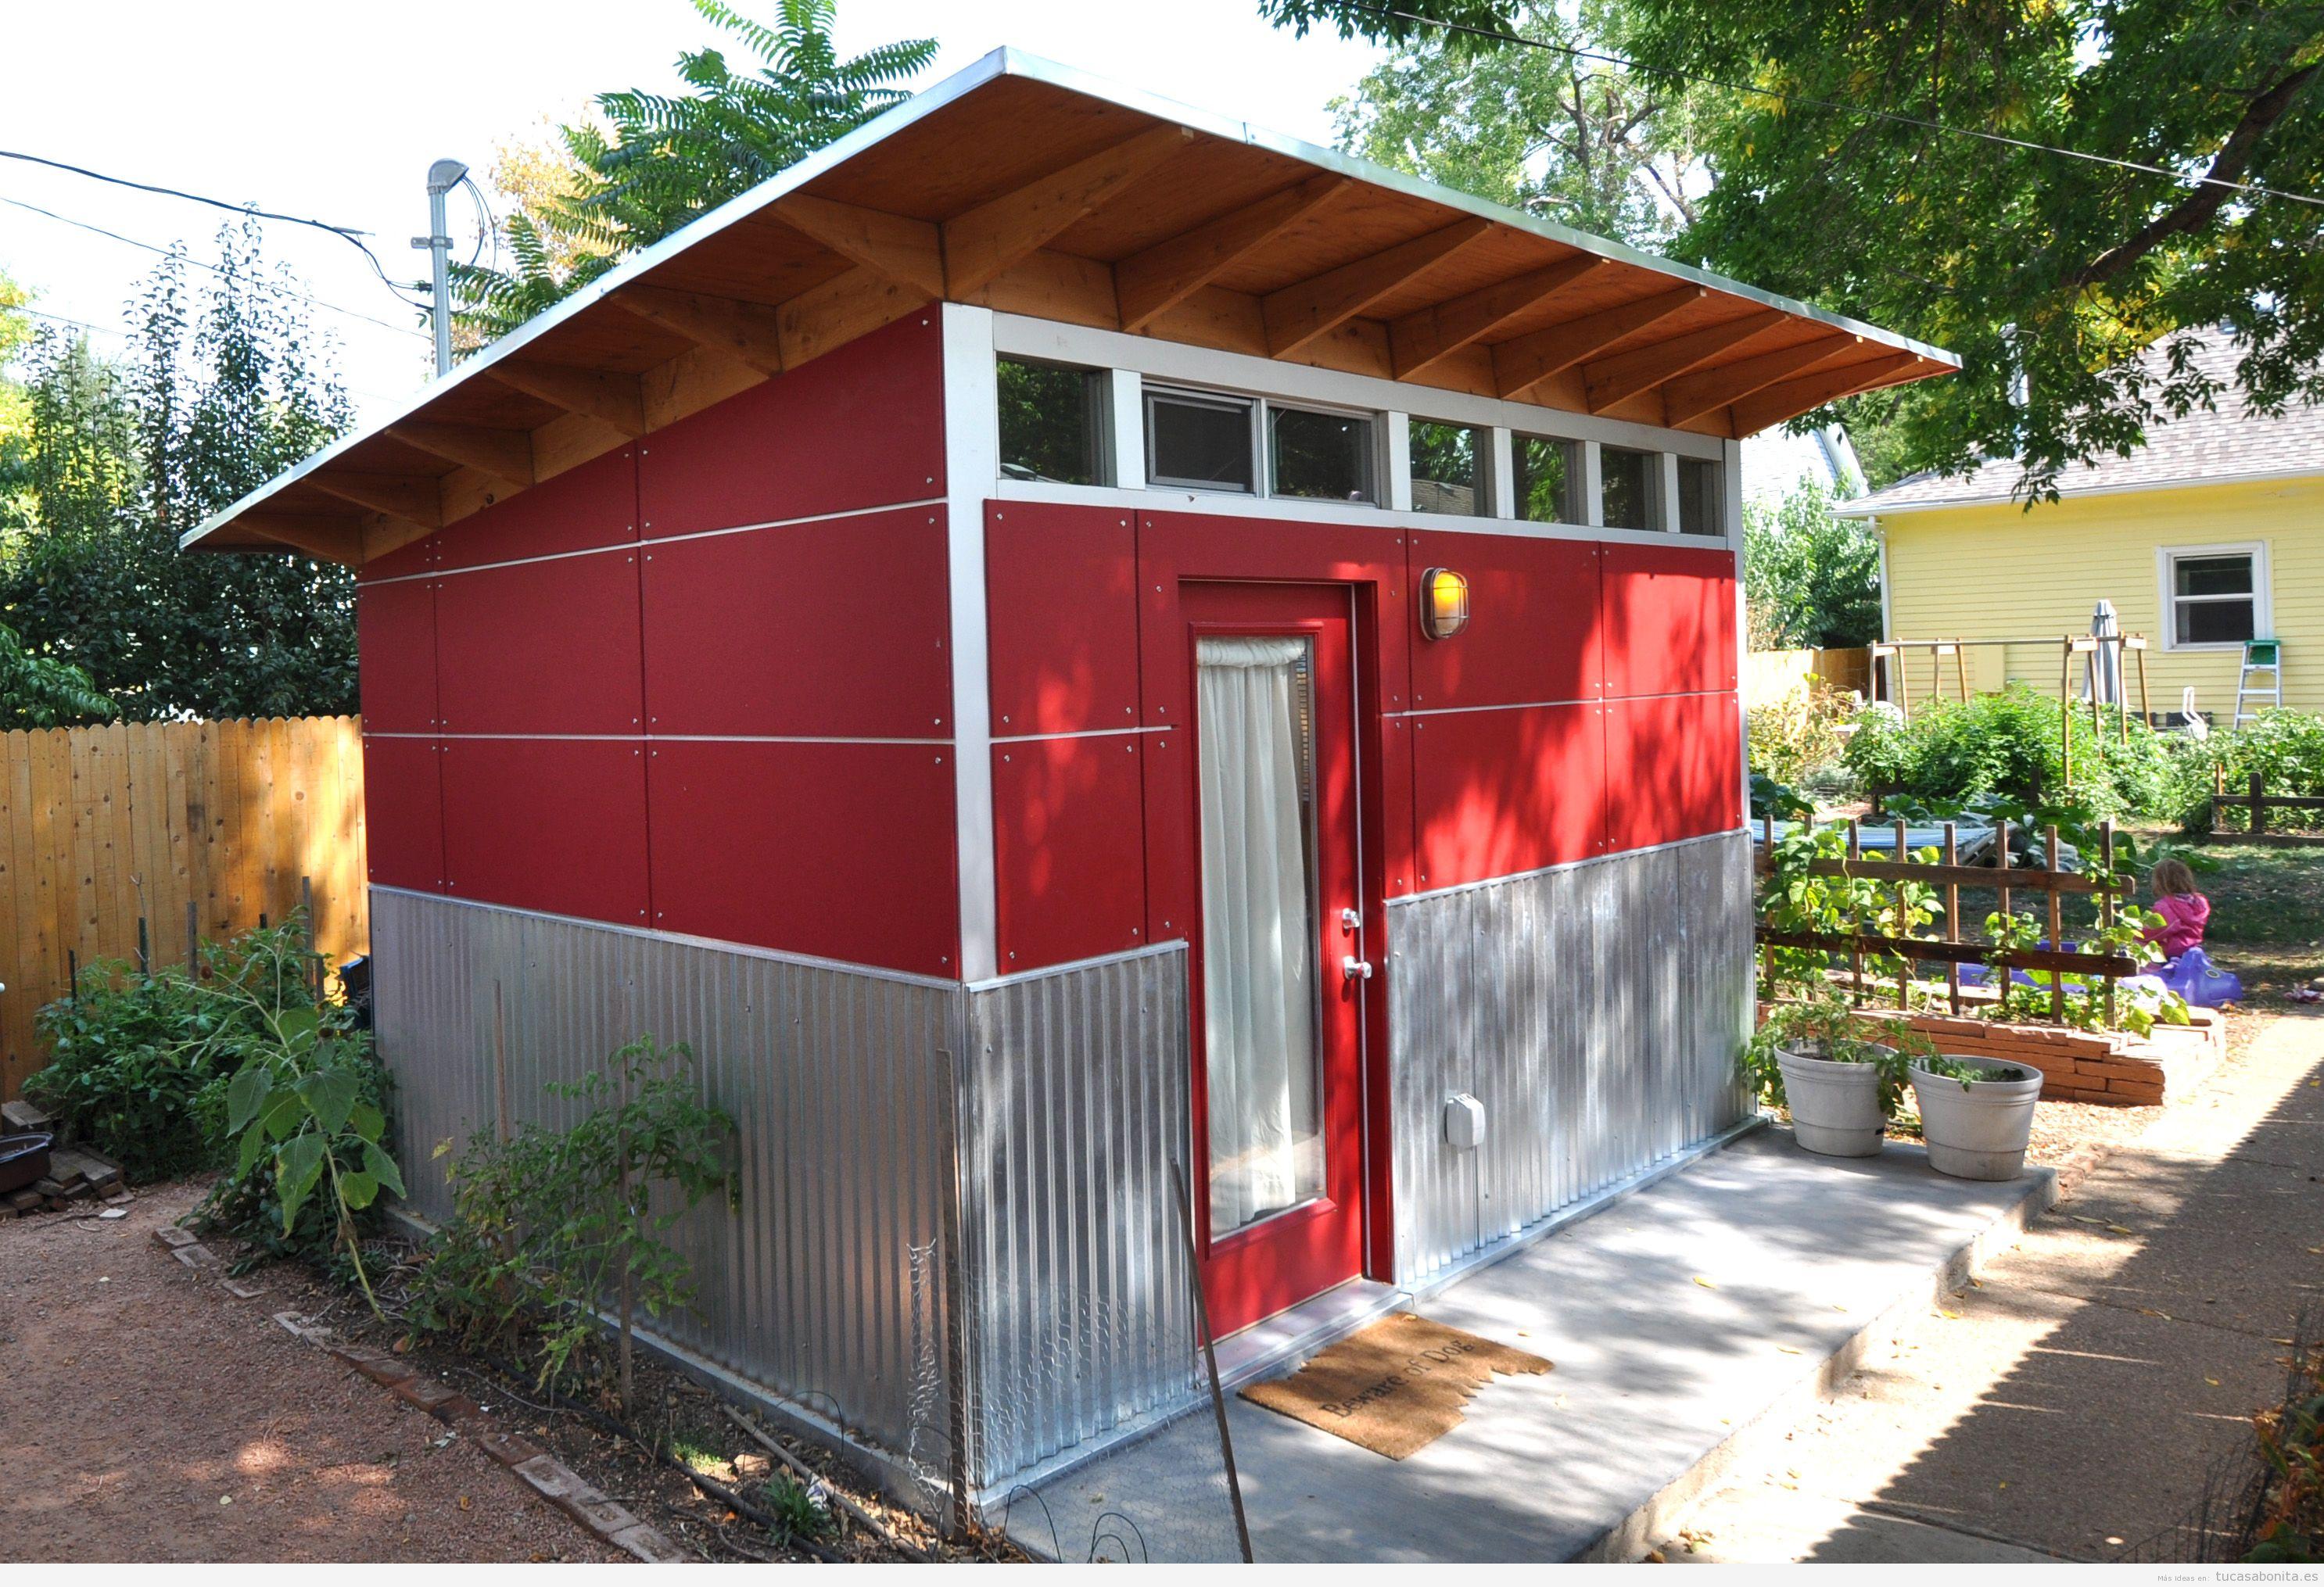 Bonitos cobertizos para el patio trasero o el jard n tu for Casetas prefabricadas para jardin